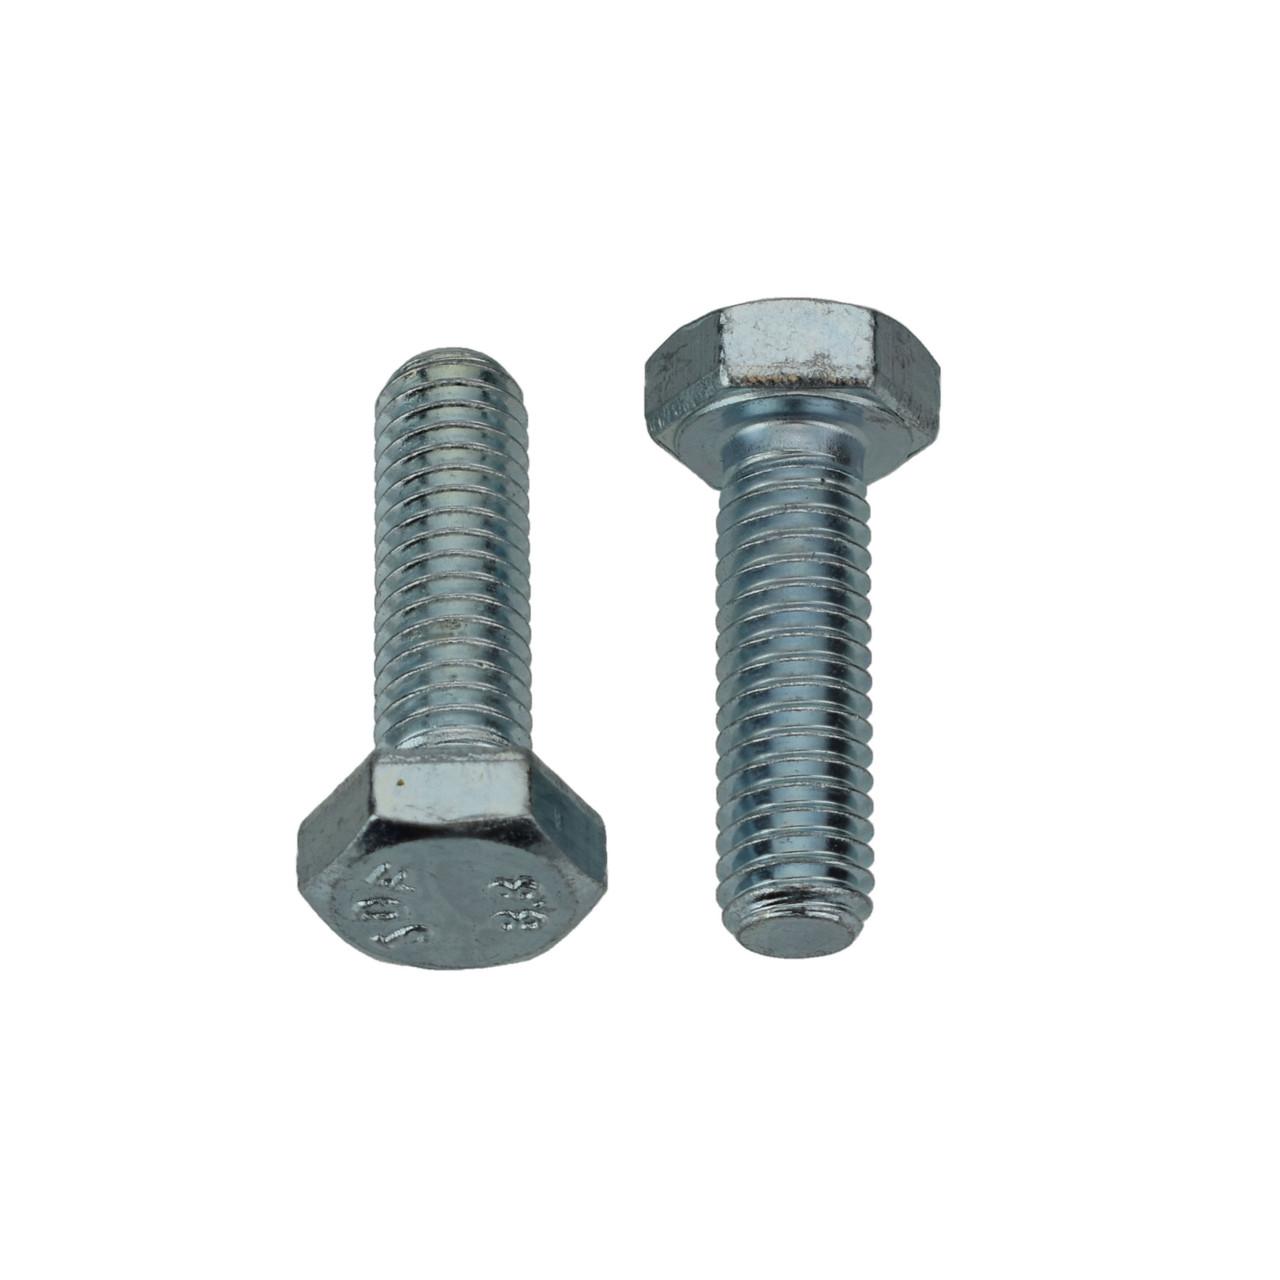 M6-1.0 x 20mm Hex Head Bolt - Interchanges: Auveco 14409 Disco 877pk